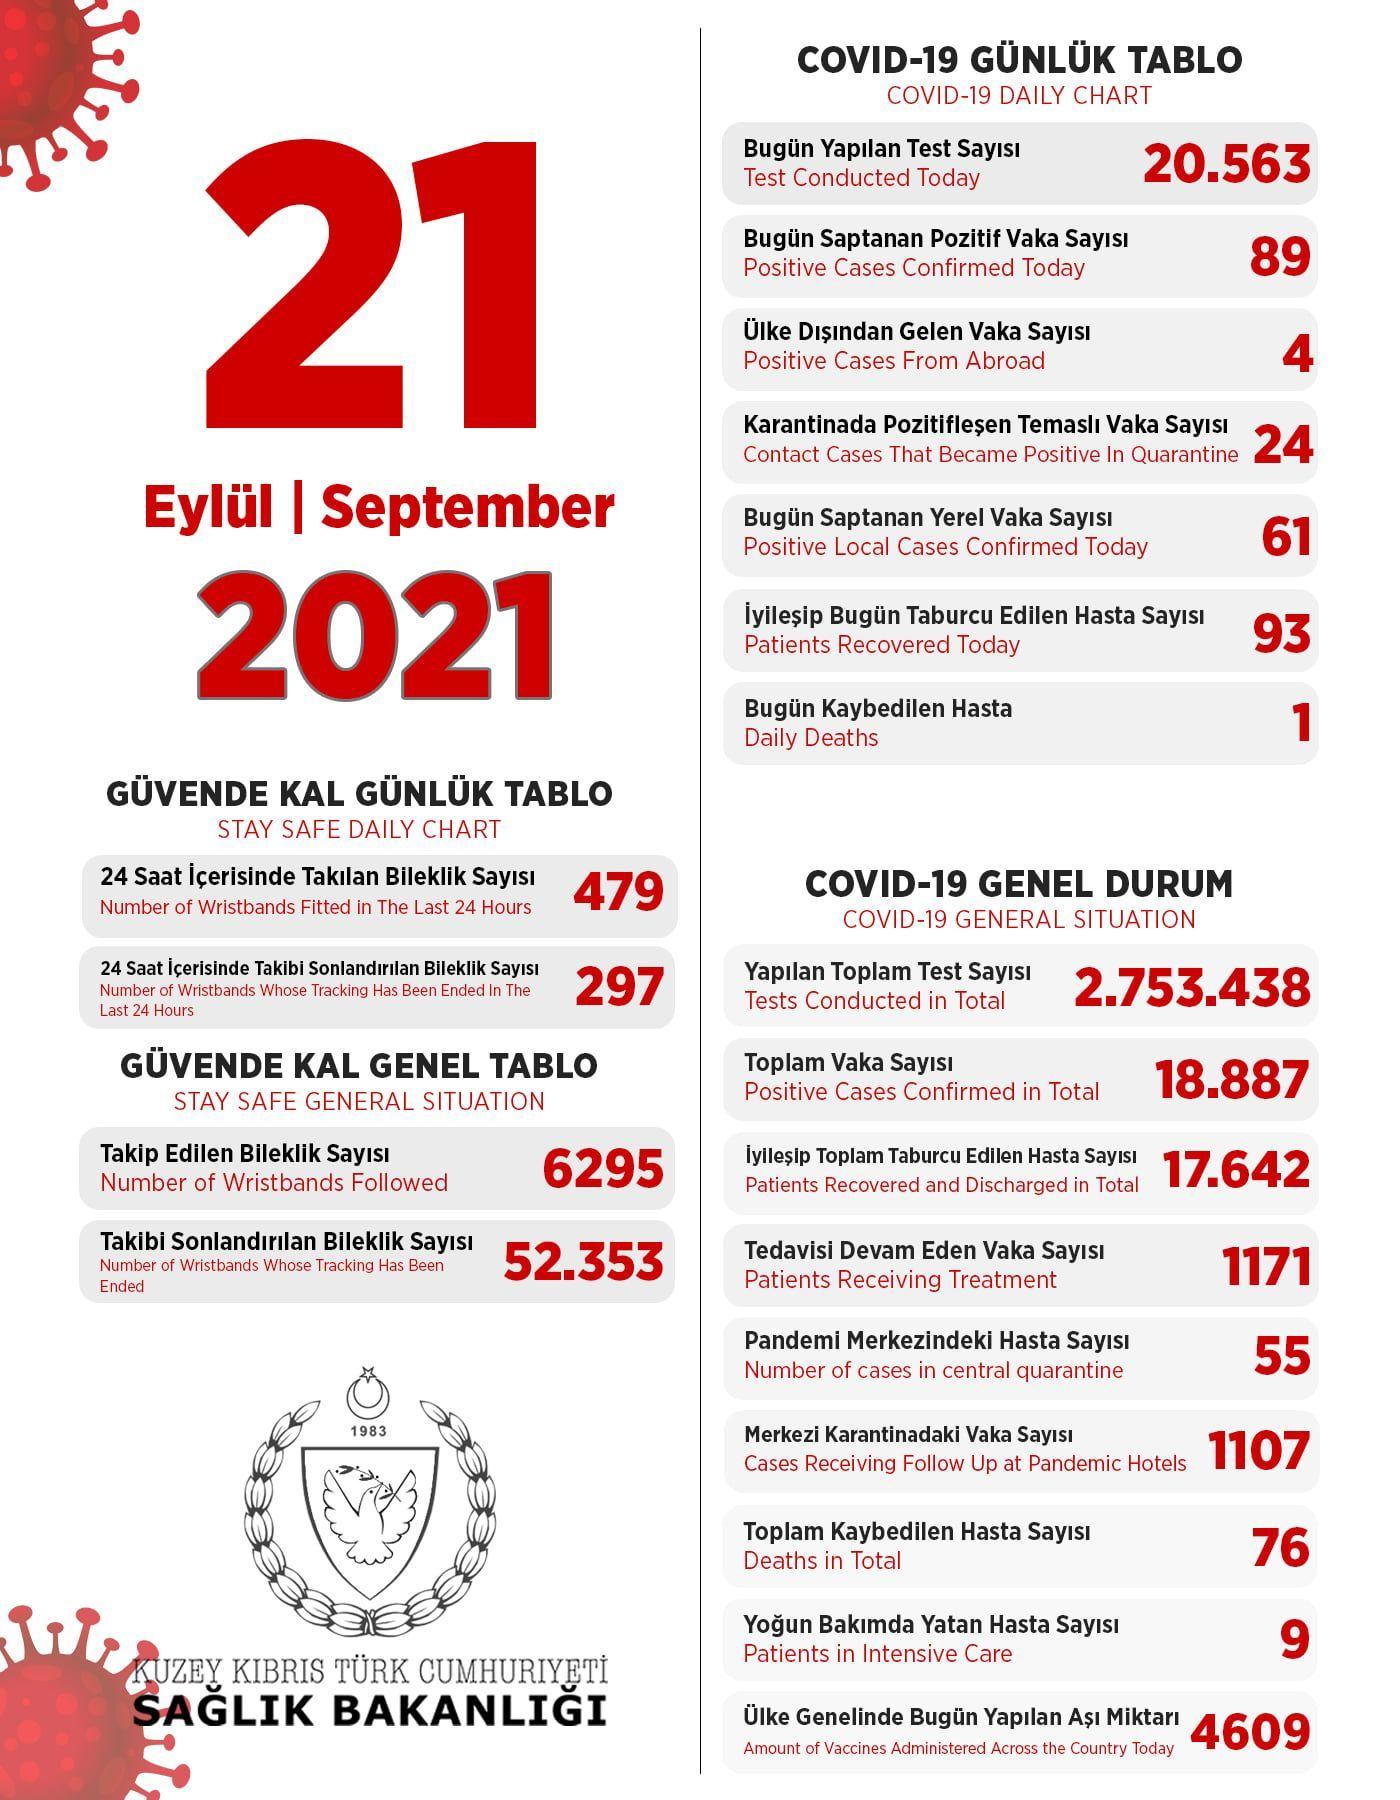 21 сентября 2021 в ТРСК 89 инфицированных, 93 выписаны